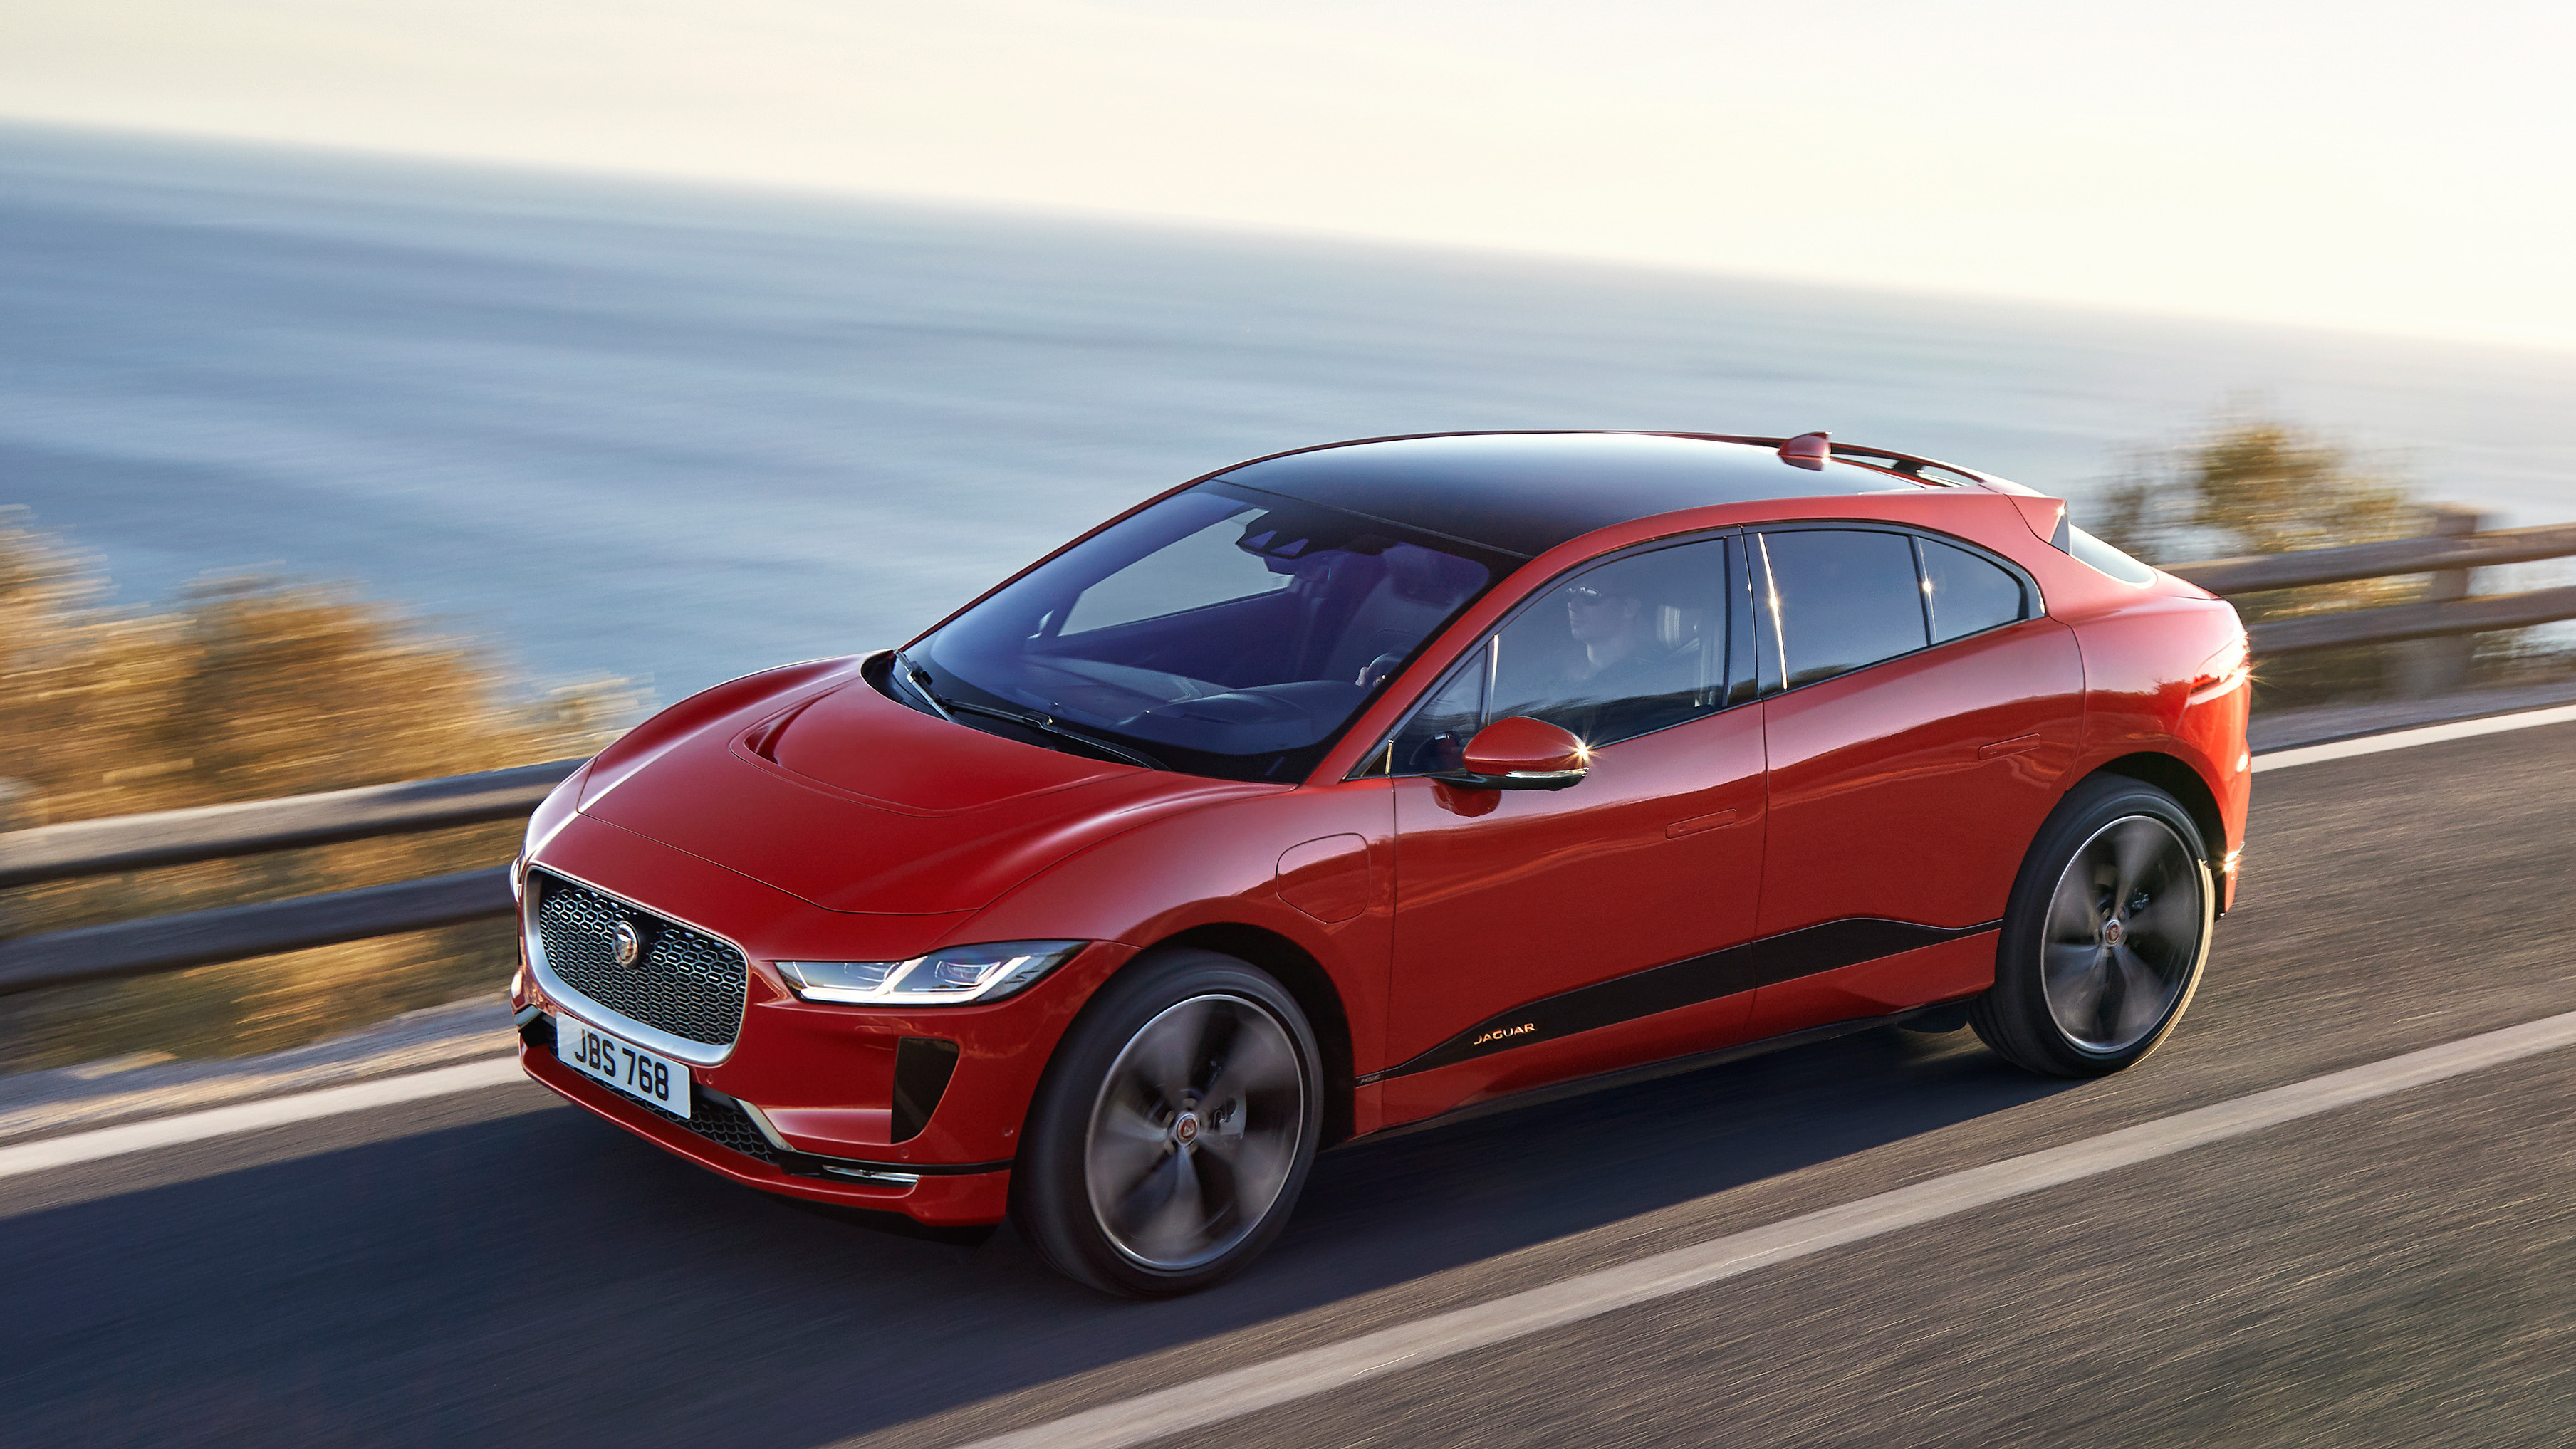 Jaguar's E-Pace features artificial sound.